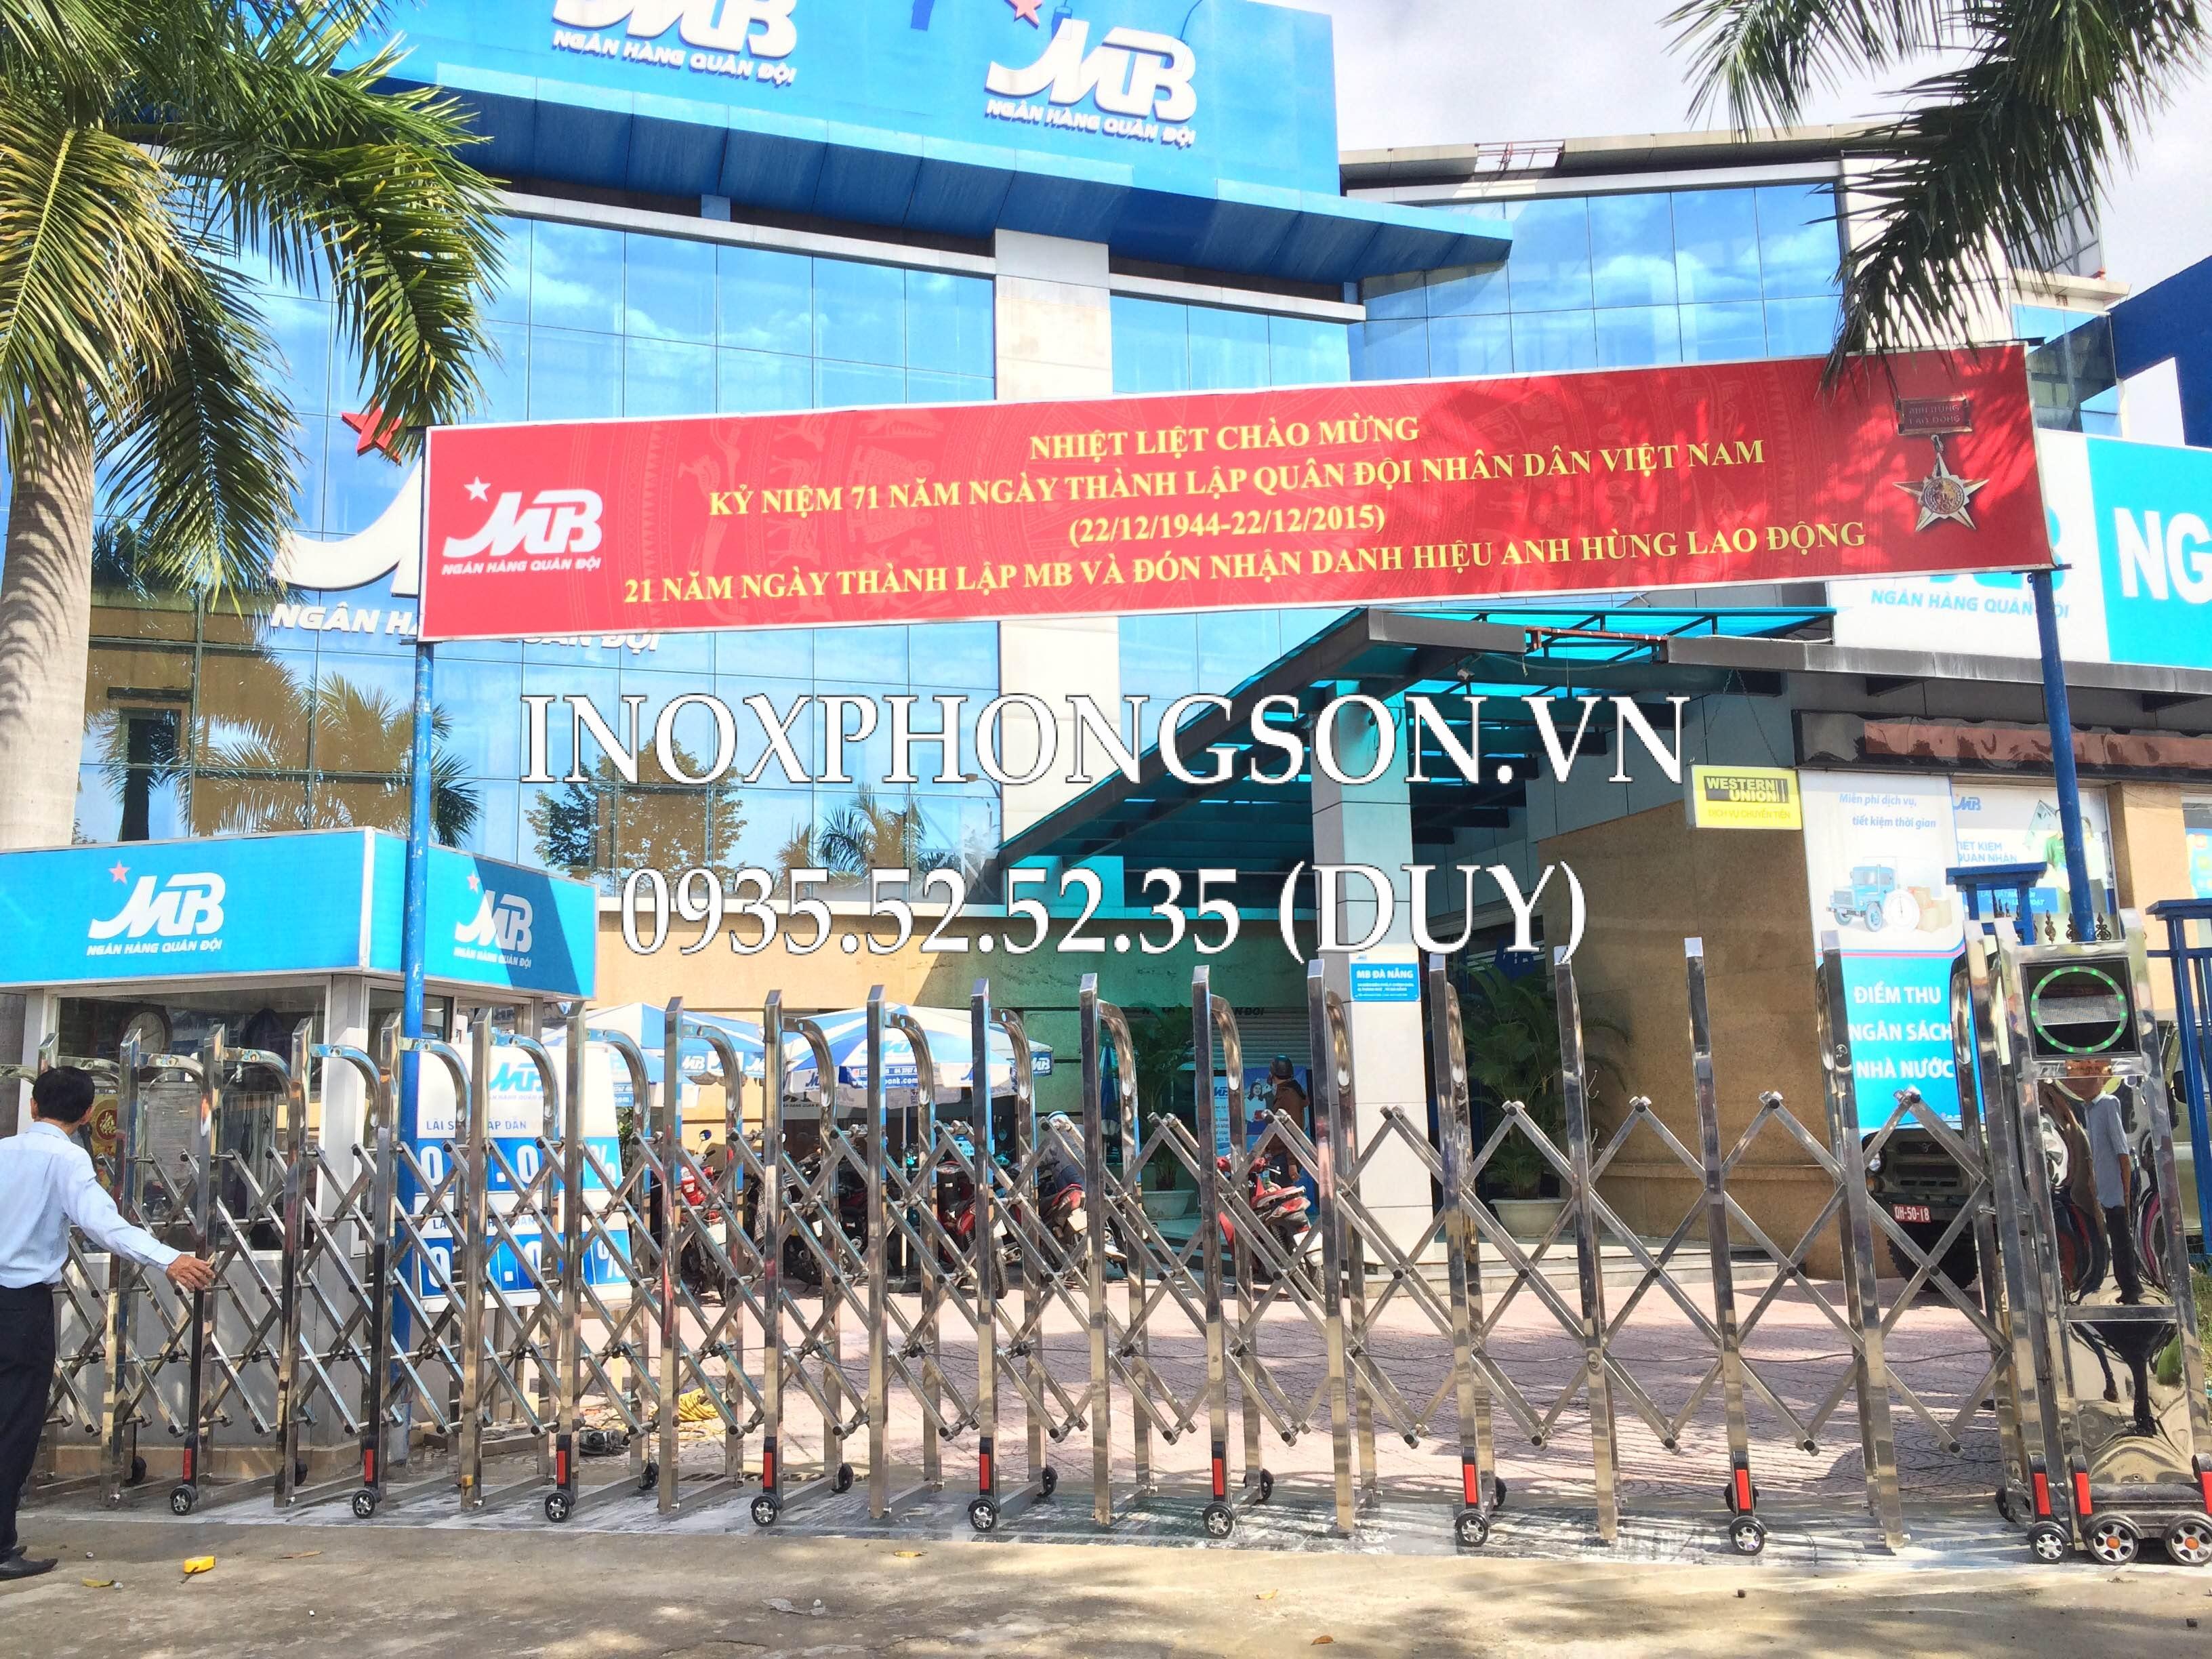 Ngân hàng MB - Chi nhánh Đà Nẵng